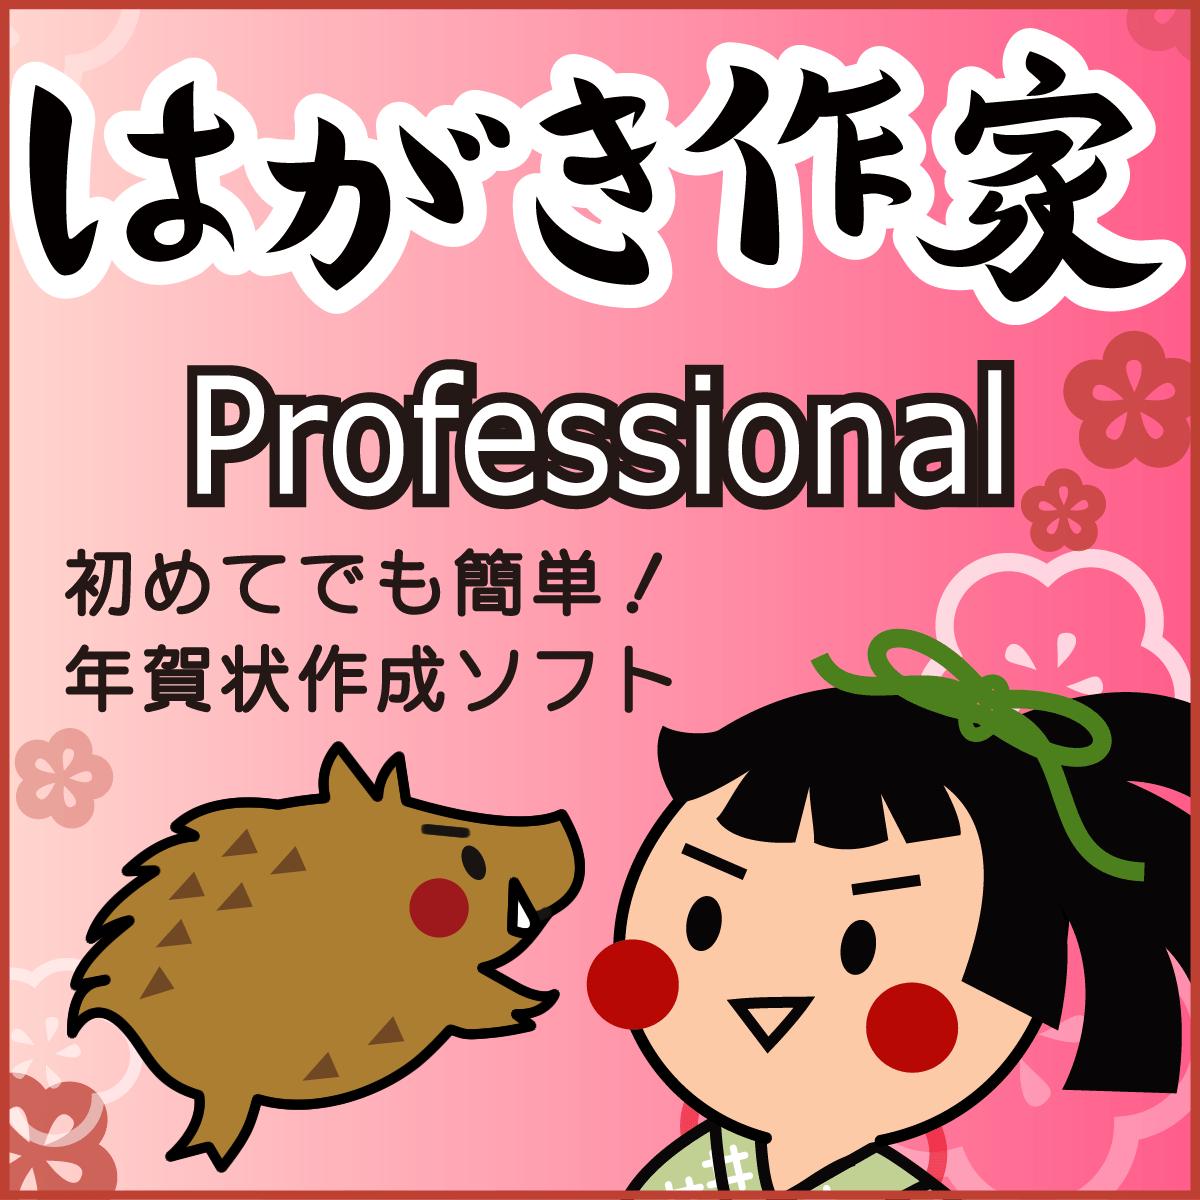 はがき作家 12 Professional (2019 亥年賀状テンプレートフォント付き)